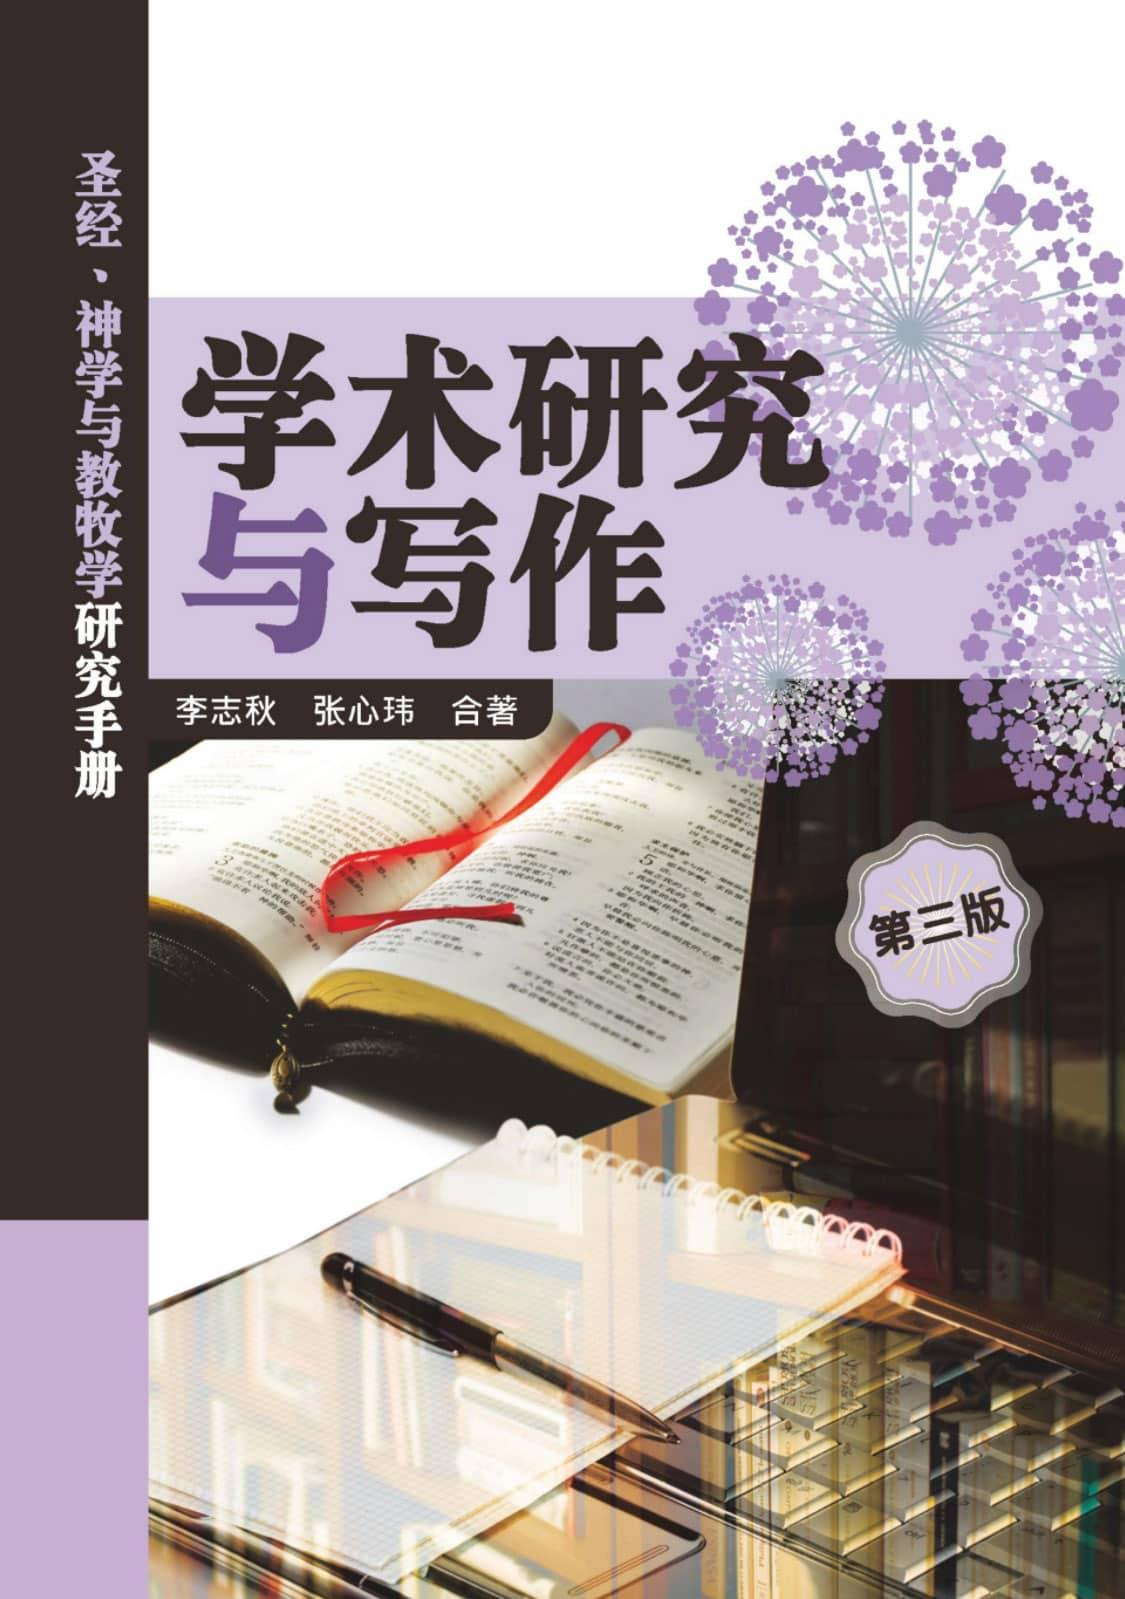 学术研究与写作-simplified